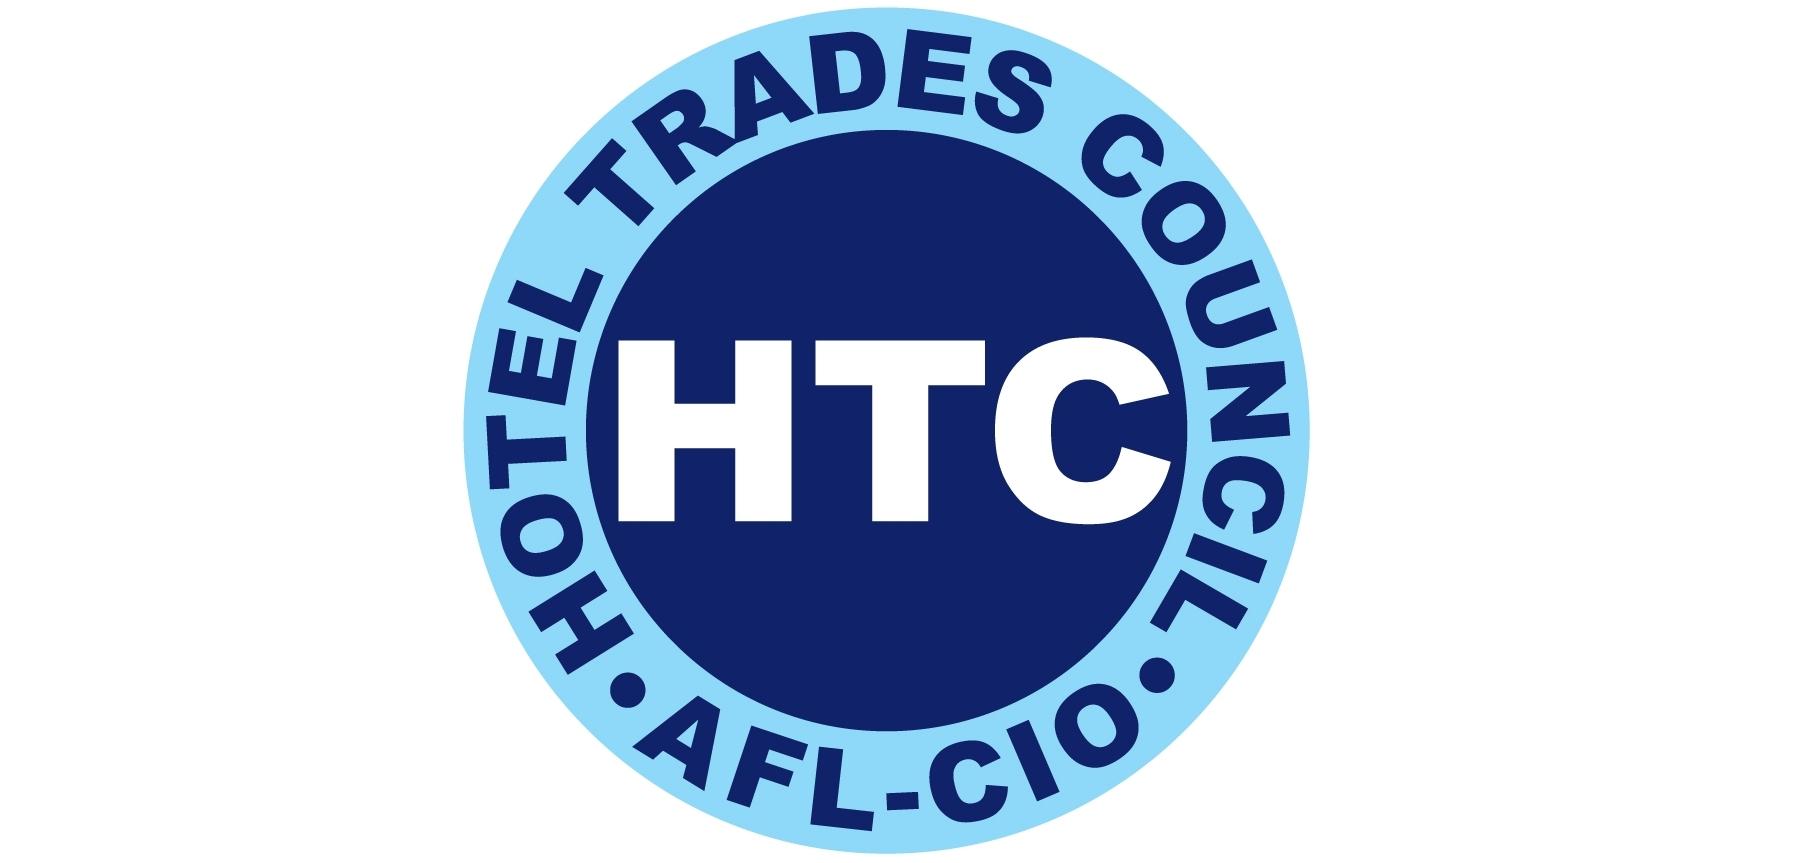 HTC Box Logo.jpg